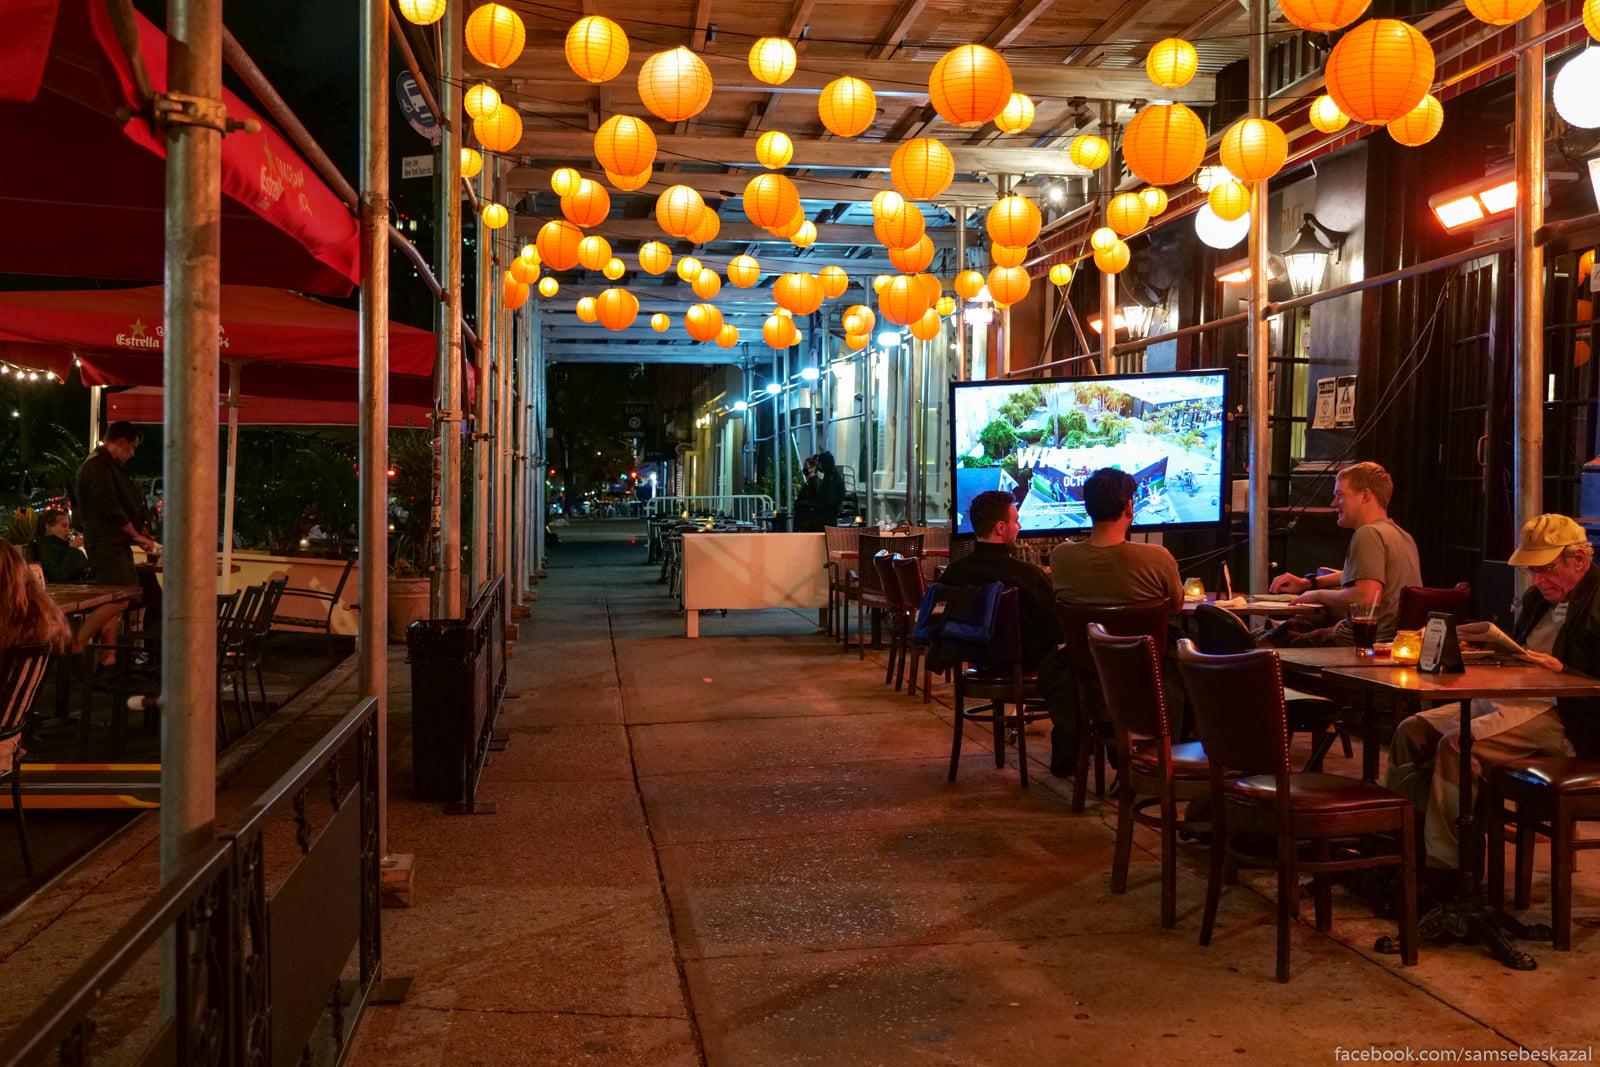 Nocnaa restorannaa ziznʹ...